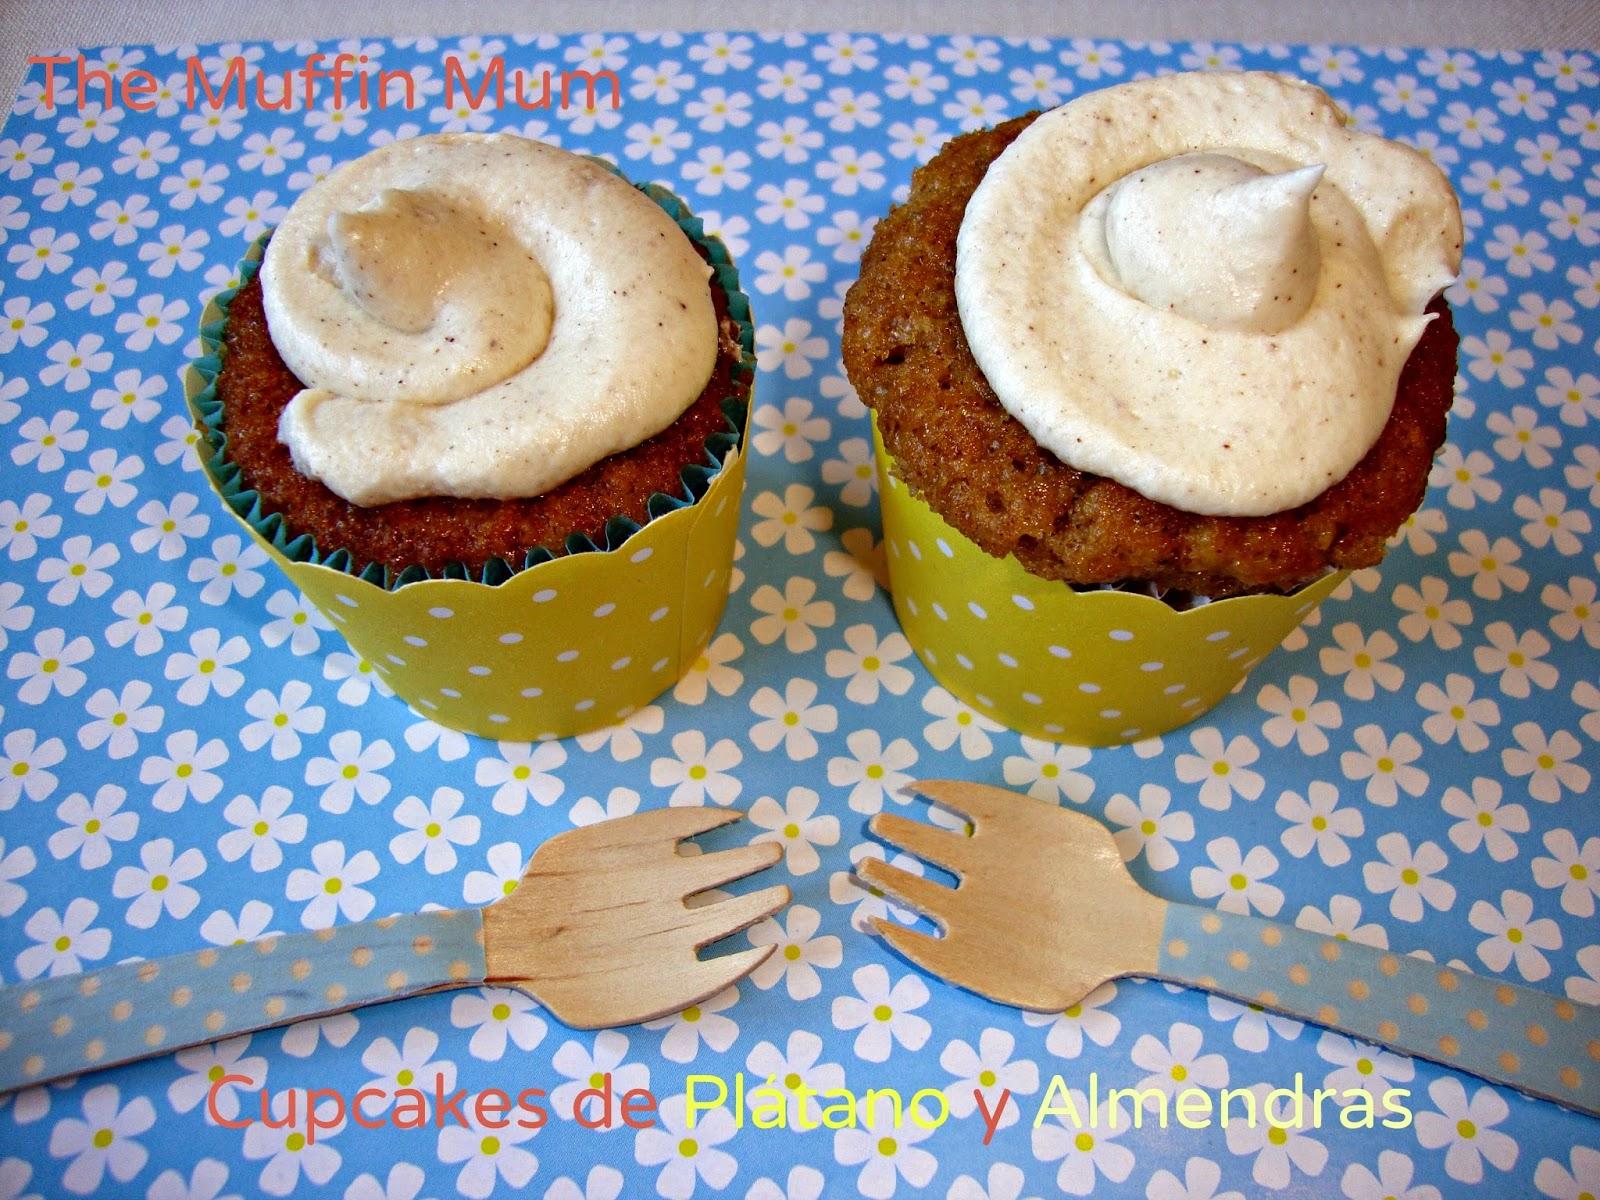 Cupcakes de plátano y almendras